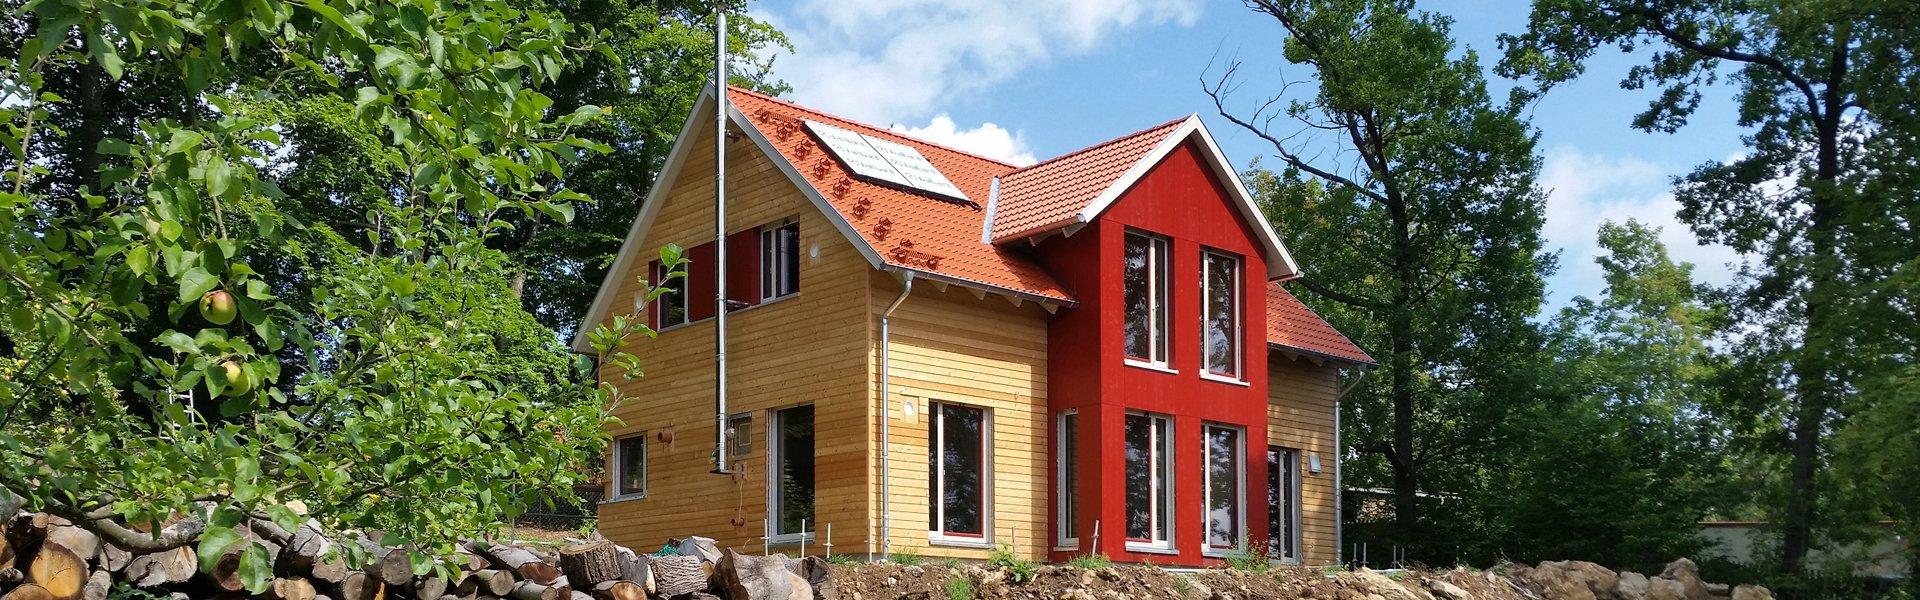 Holzhaus Pößneck Kopfbild